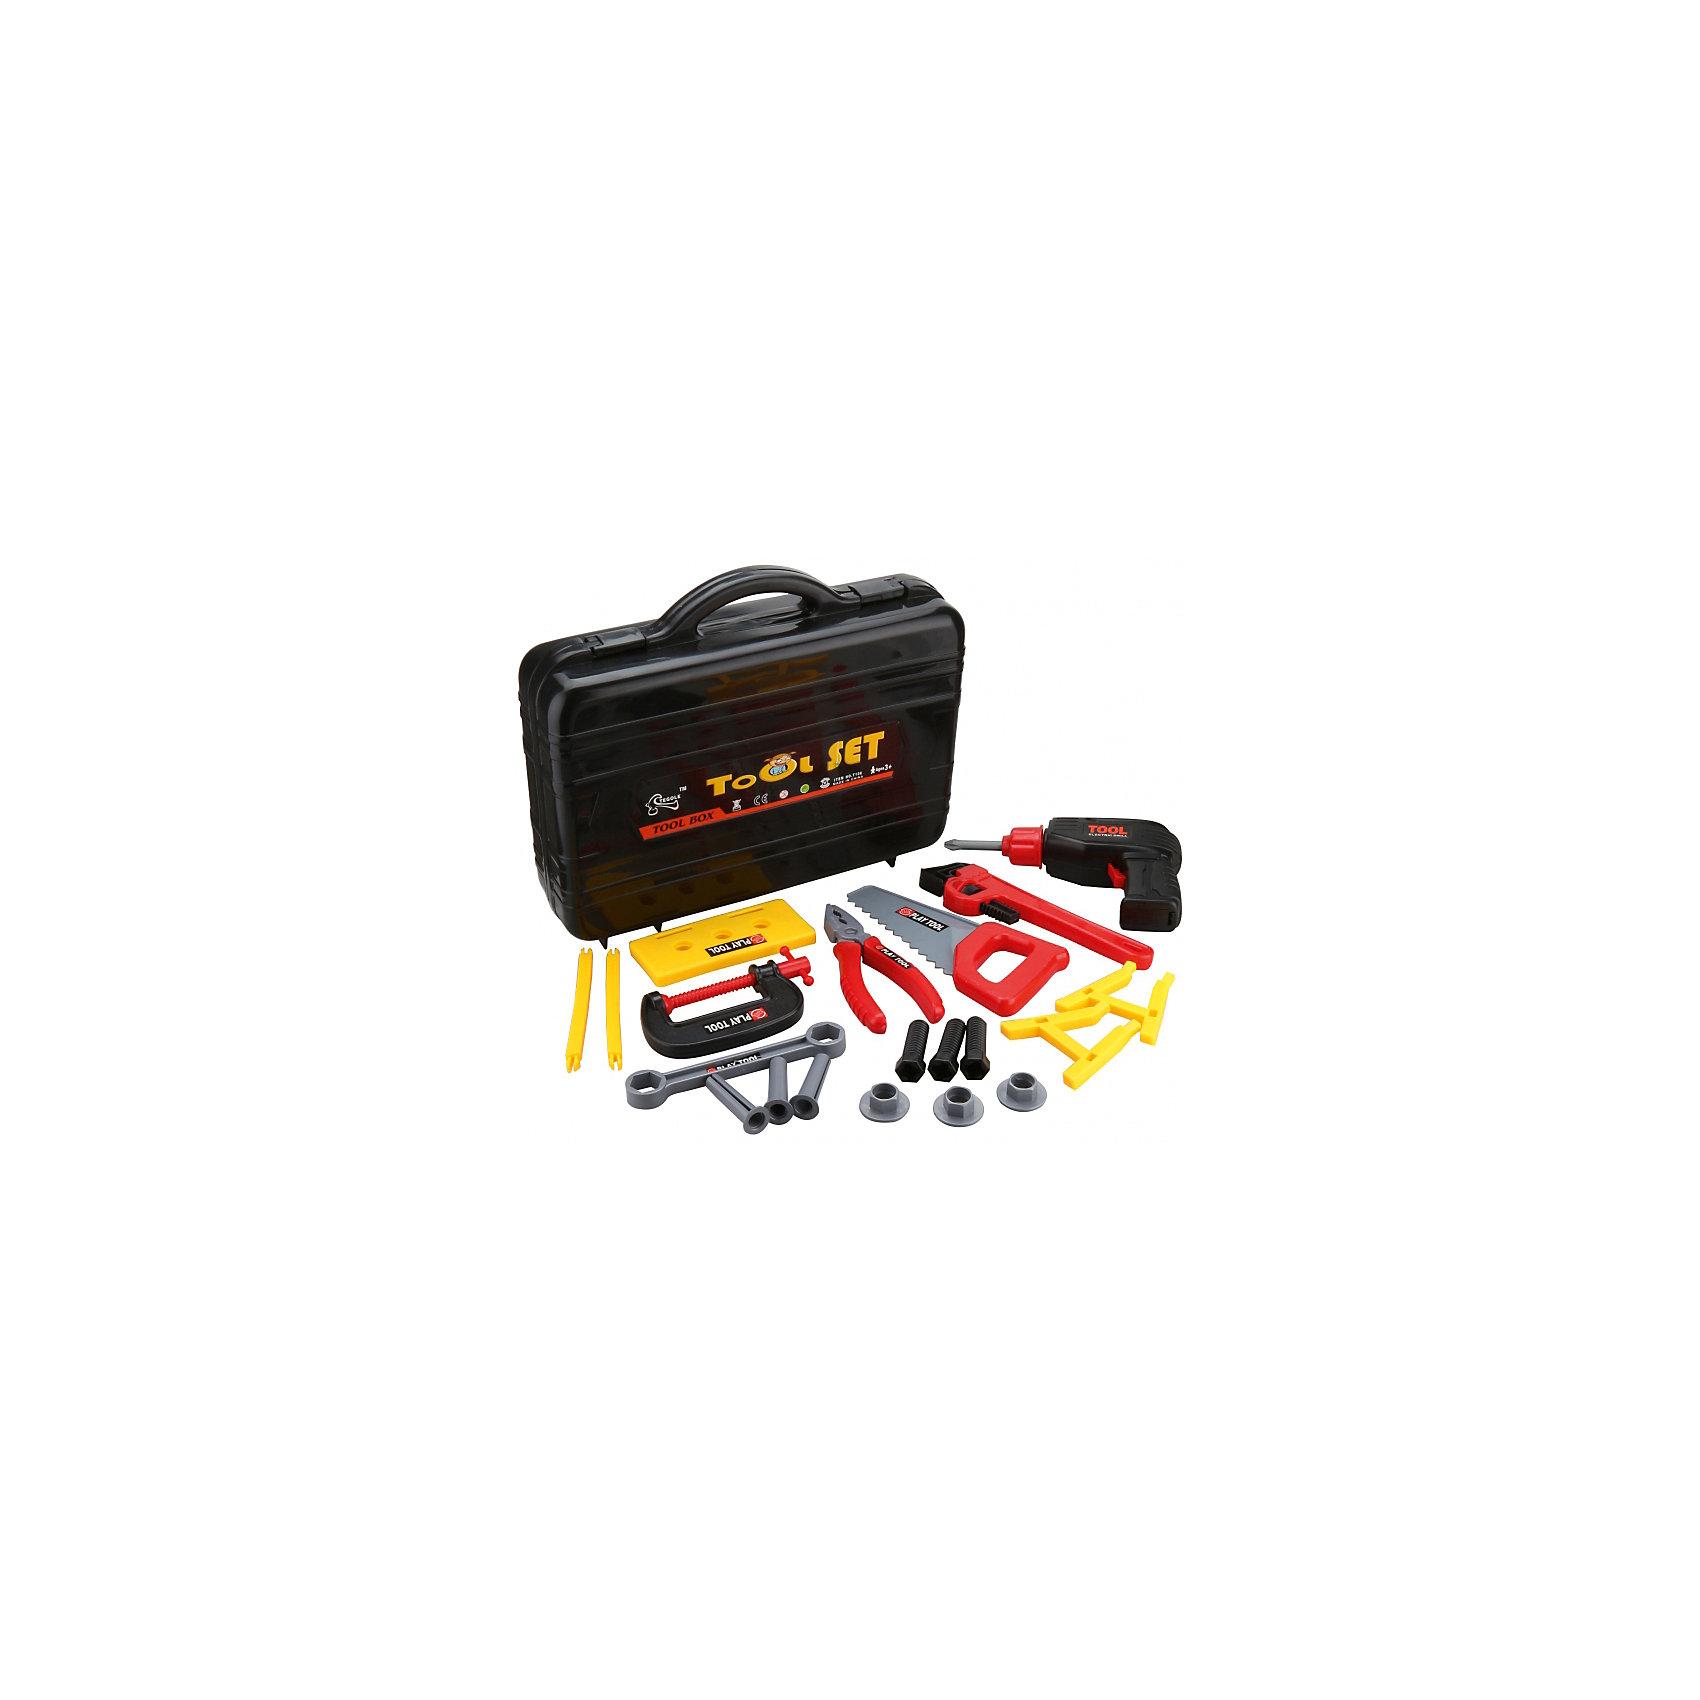 ALTACTO Игровой набор инструментов Заветный чемоданчик (20 предм., в кейсе), ALTACTO altacto игровой набор инструментов своими руками